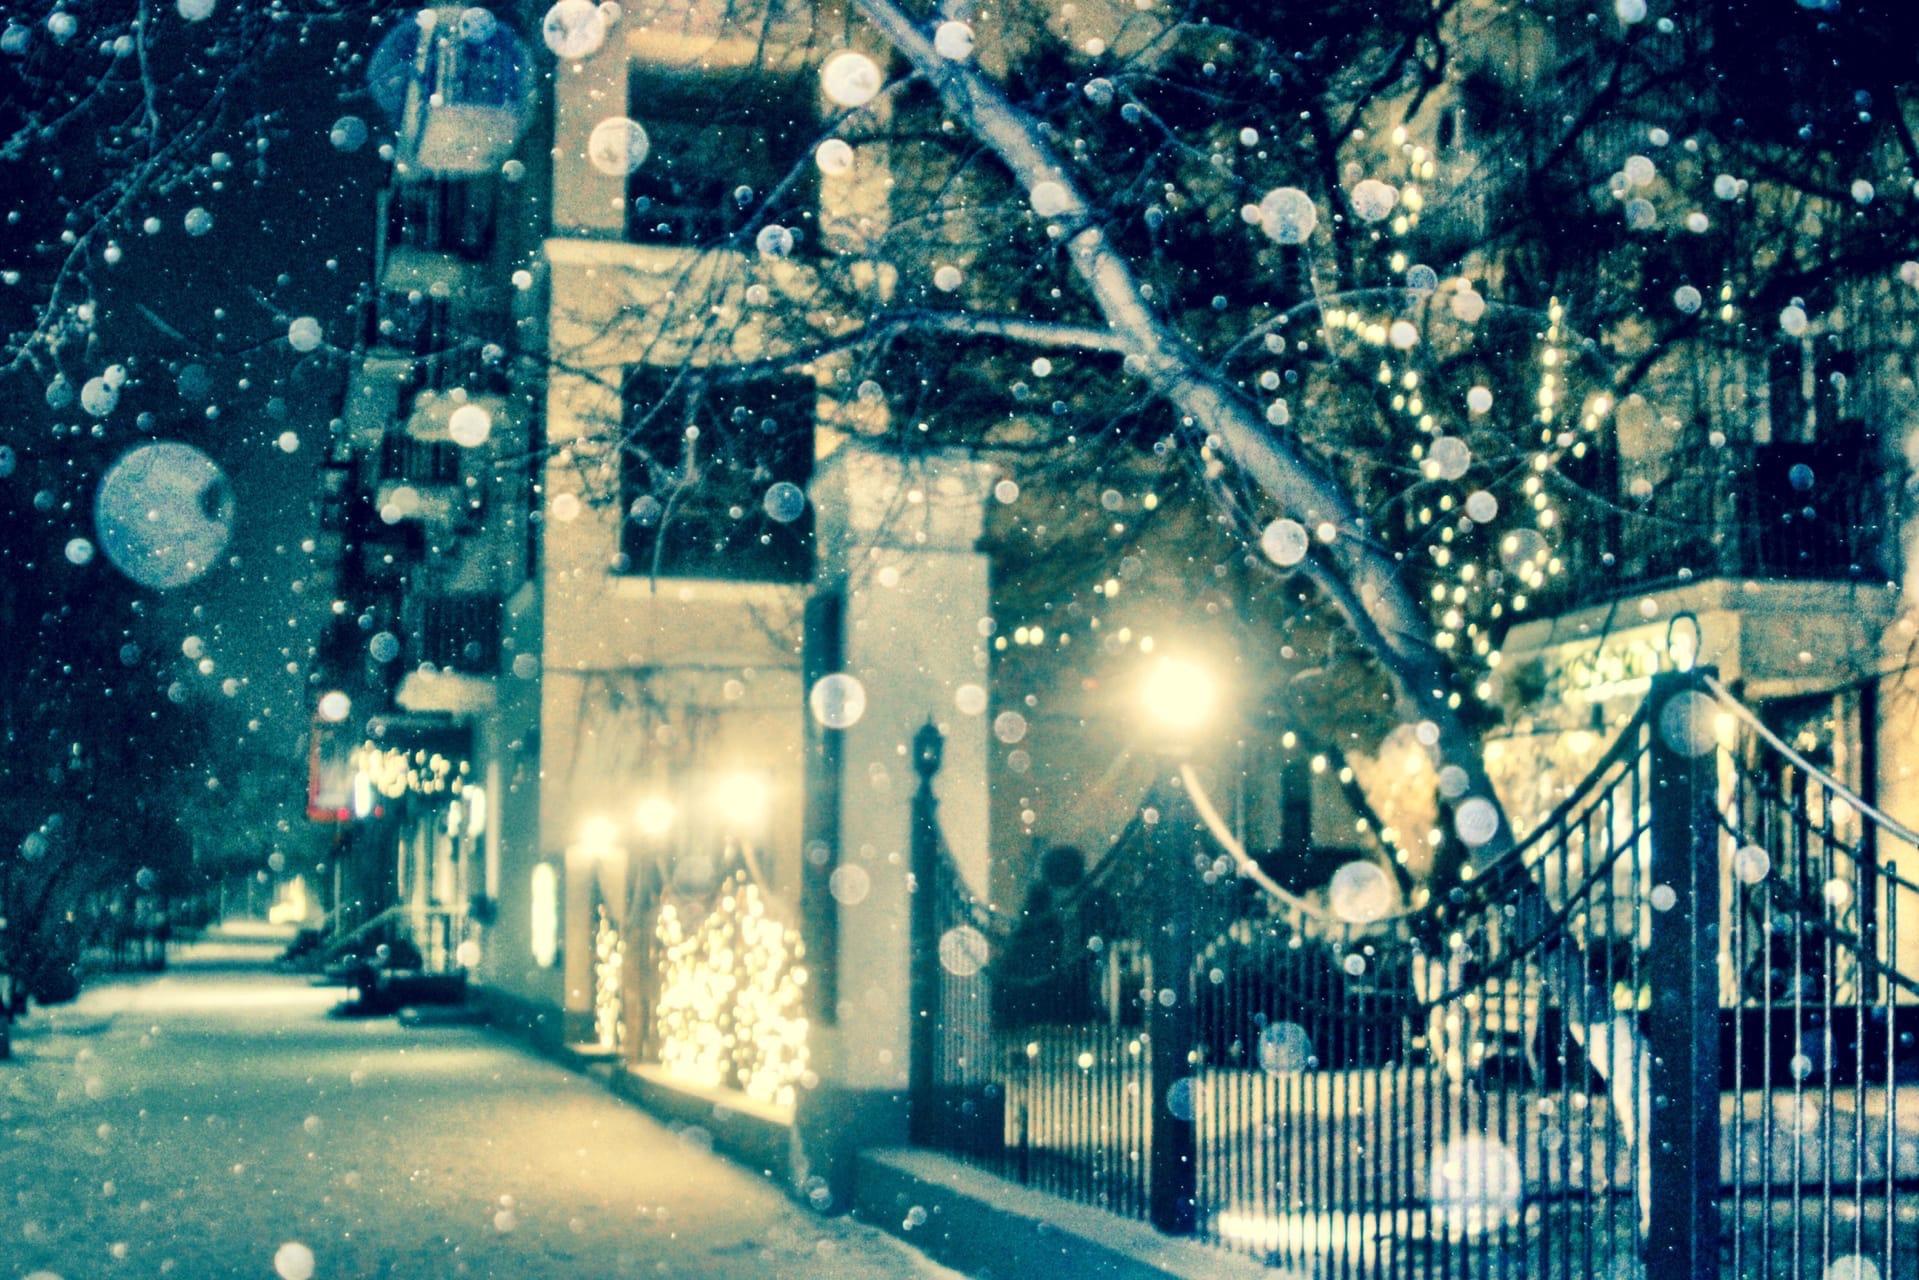 Ночь опустилась на город вместе со снегопадом